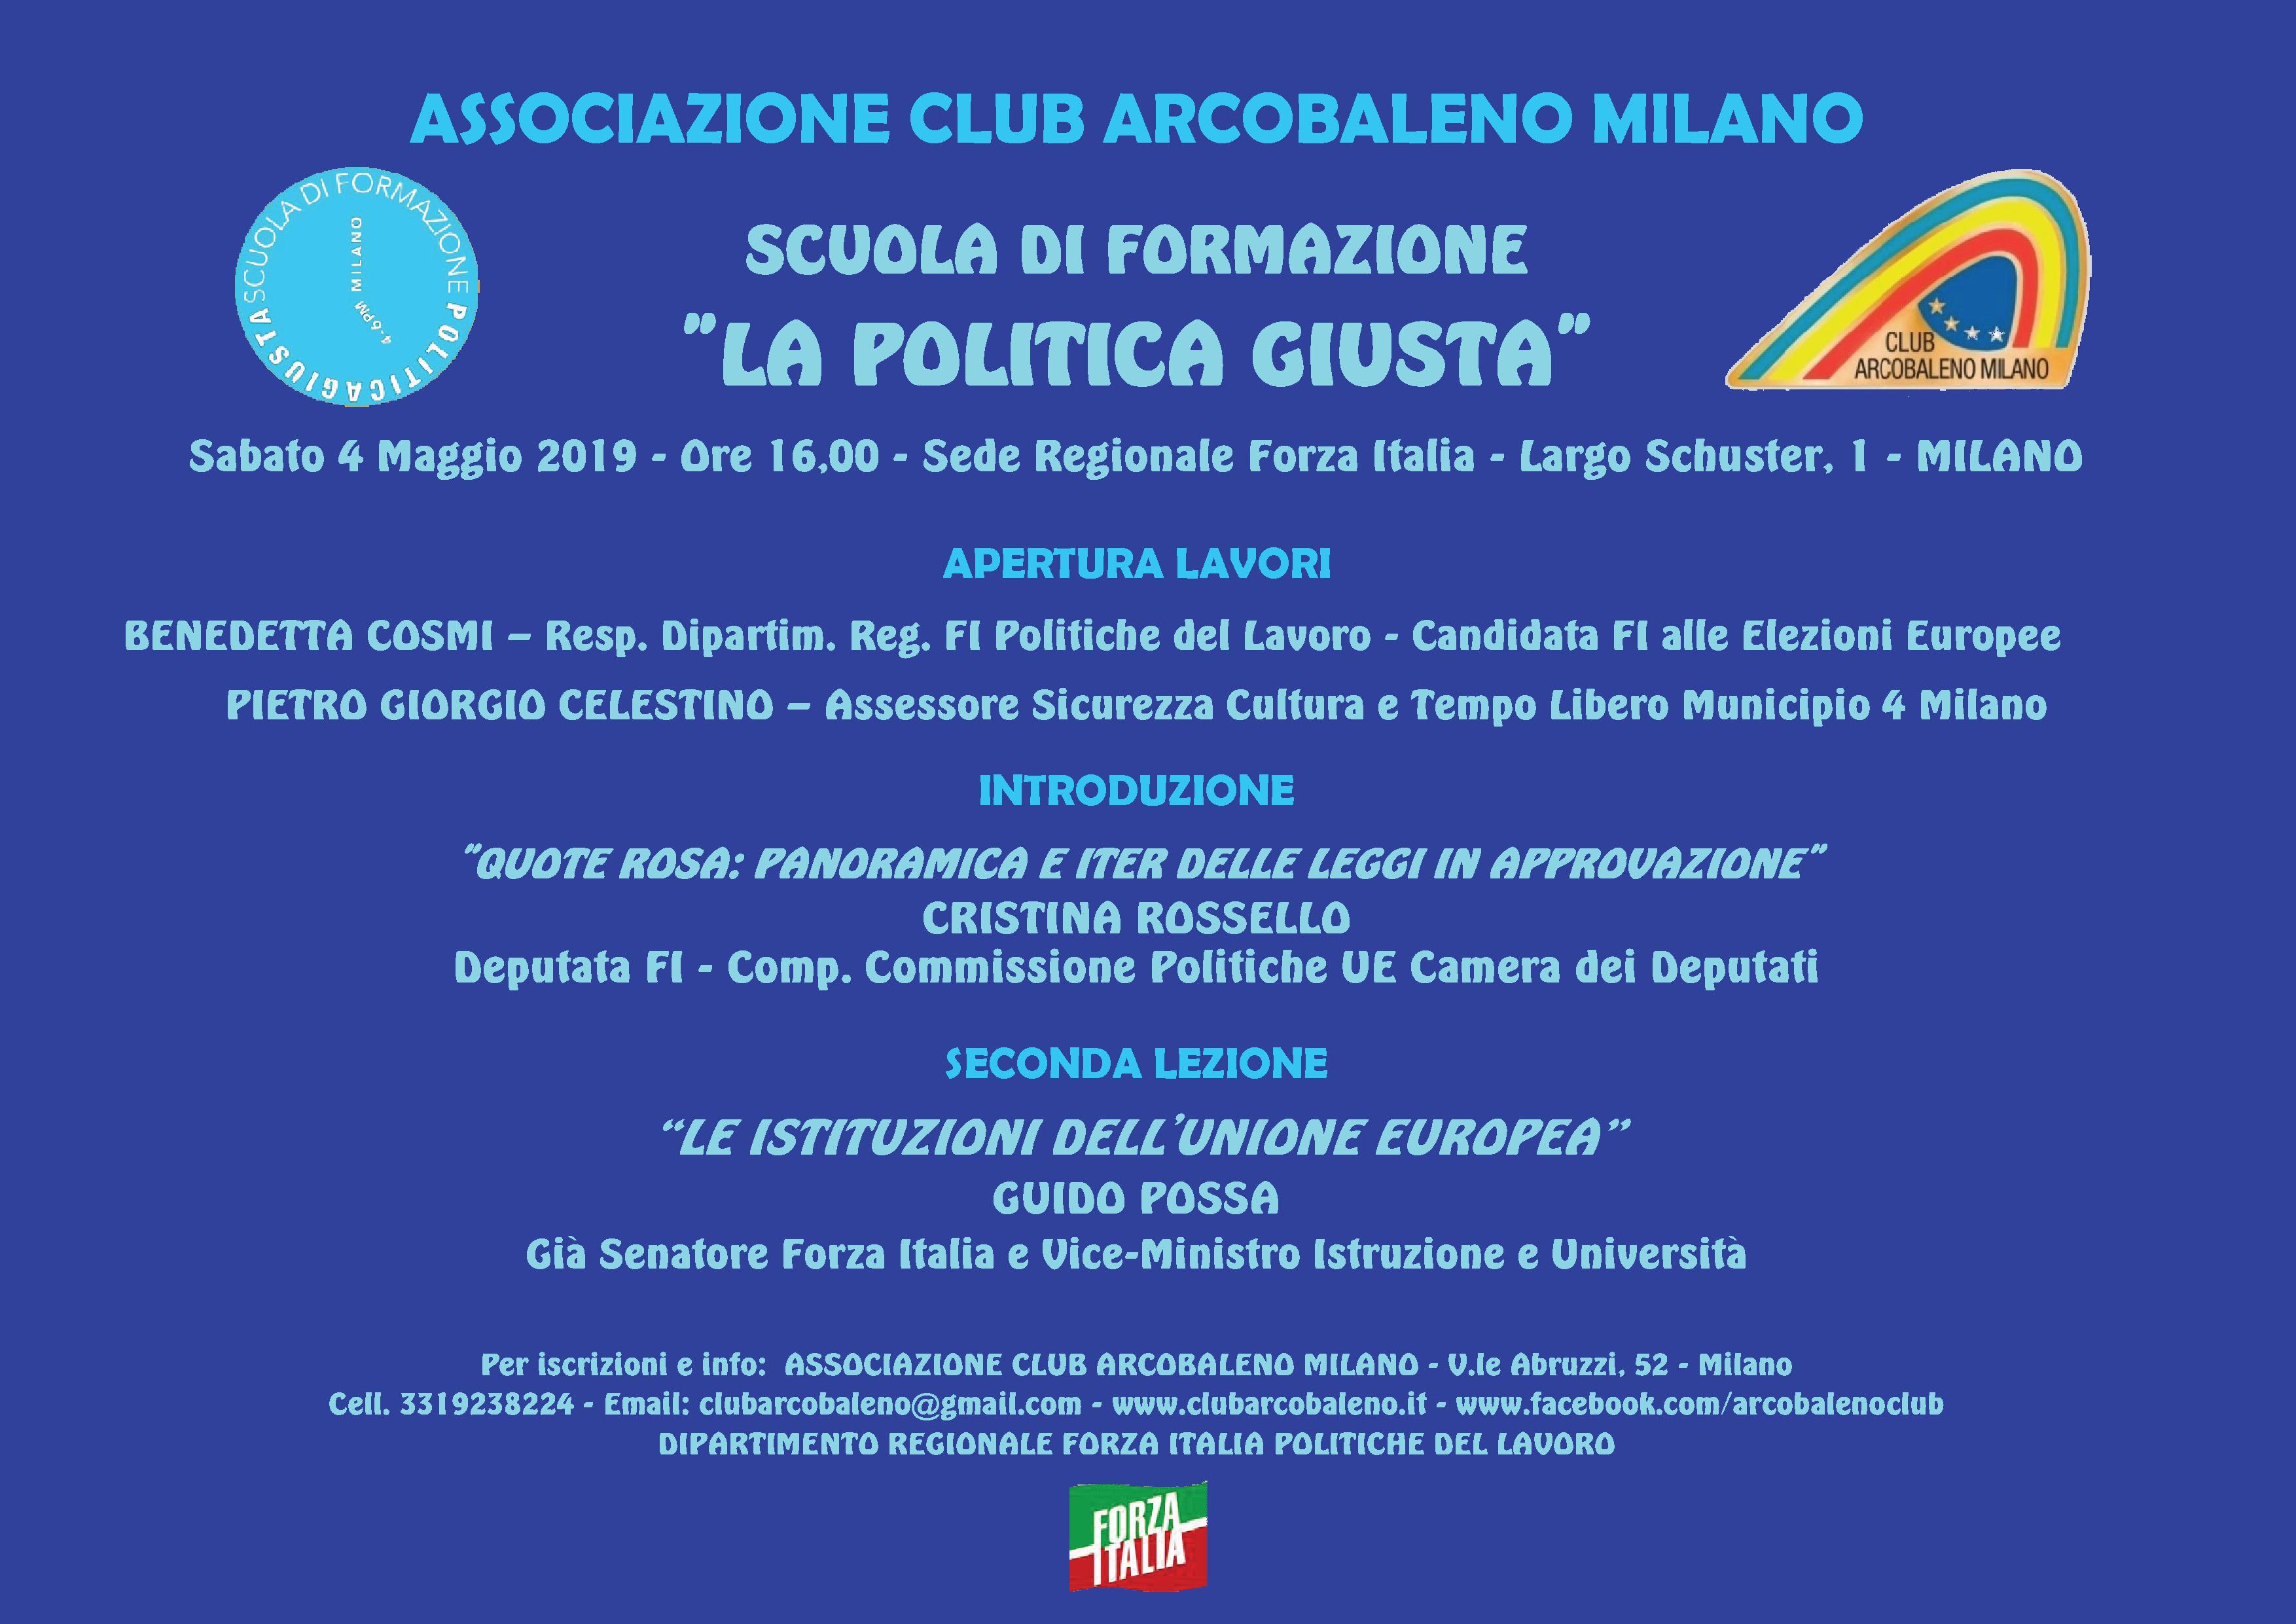 Scuola Poltica Giusta - Seconda Lezione - 04-05-2019 - Locandina Dettagliata - Definitiva